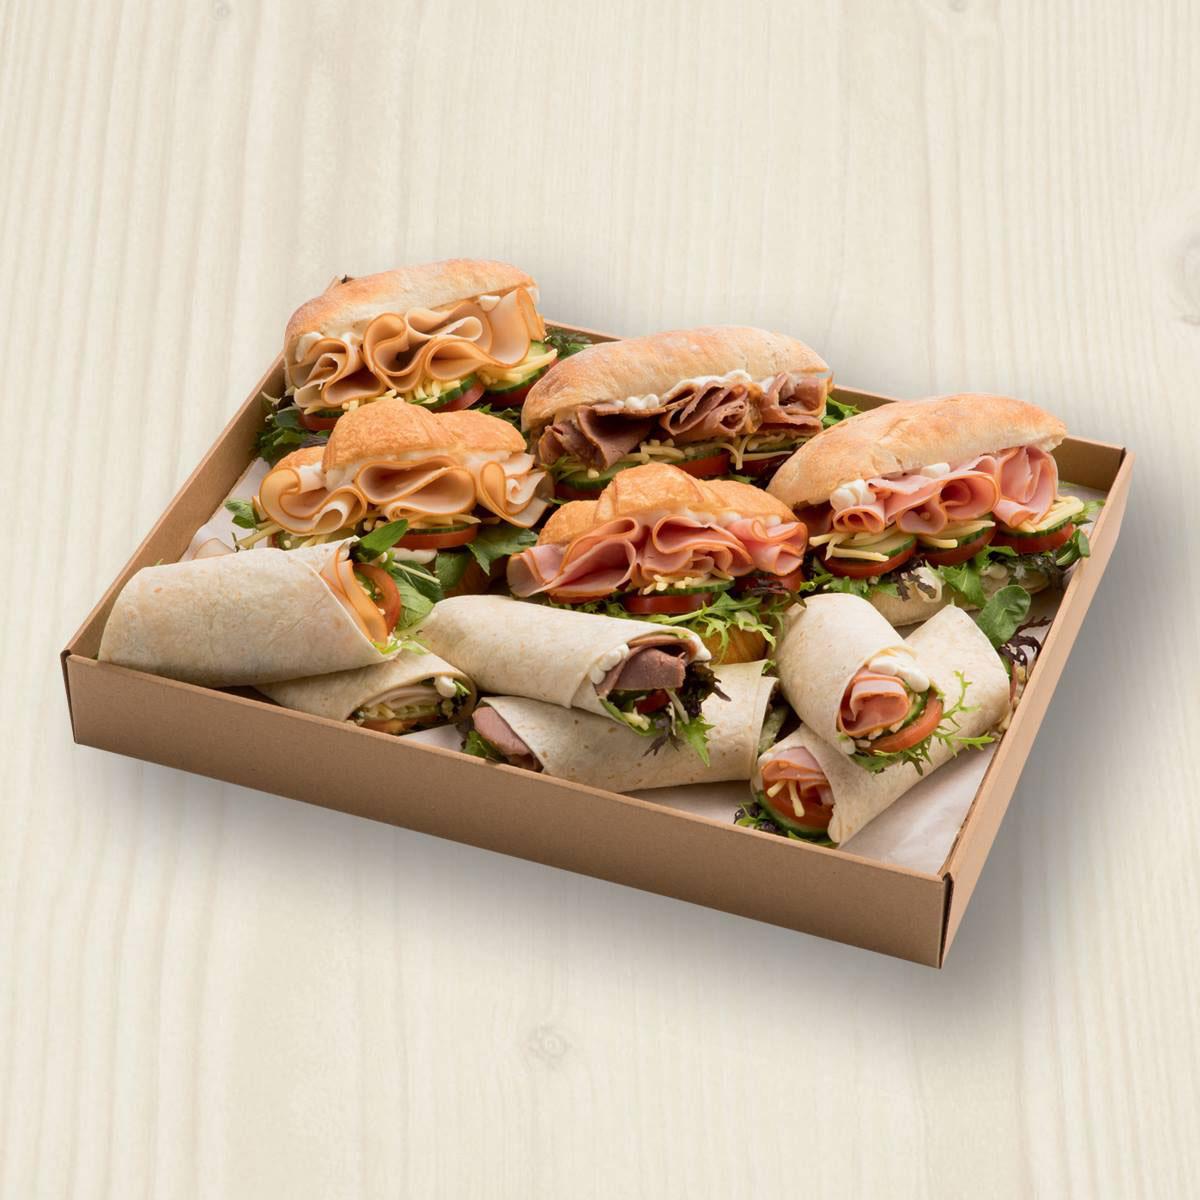 Filled Rolls, Wraps & Croissants